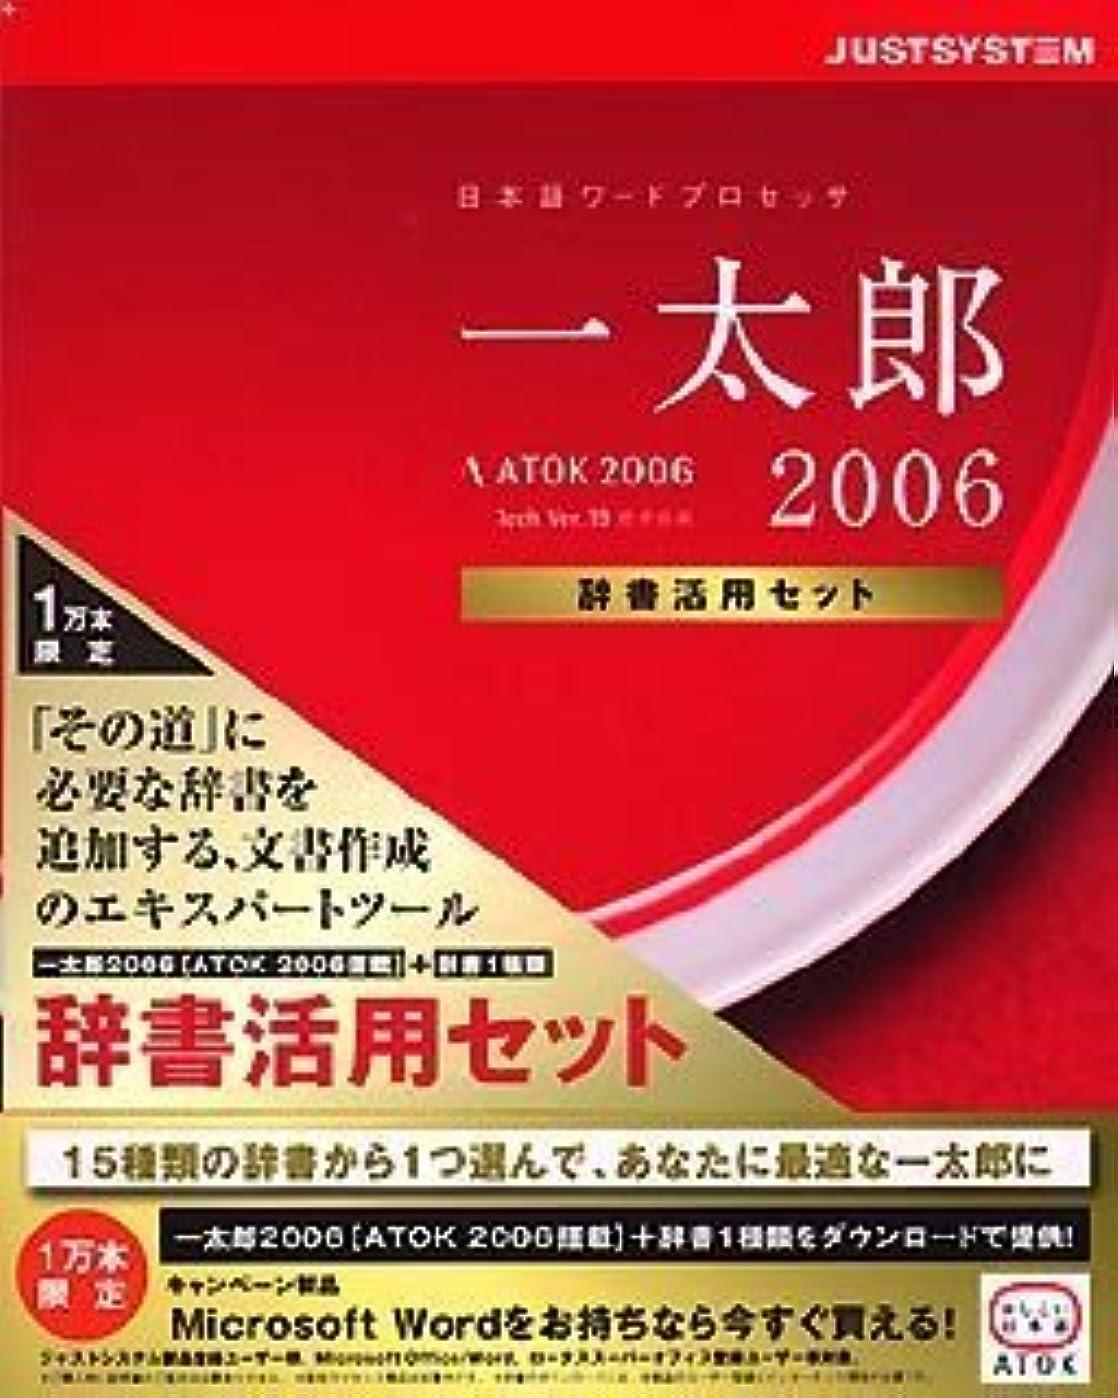 遅い安全性後継一太郎2006 [辞書活用セット] キャンペーン版